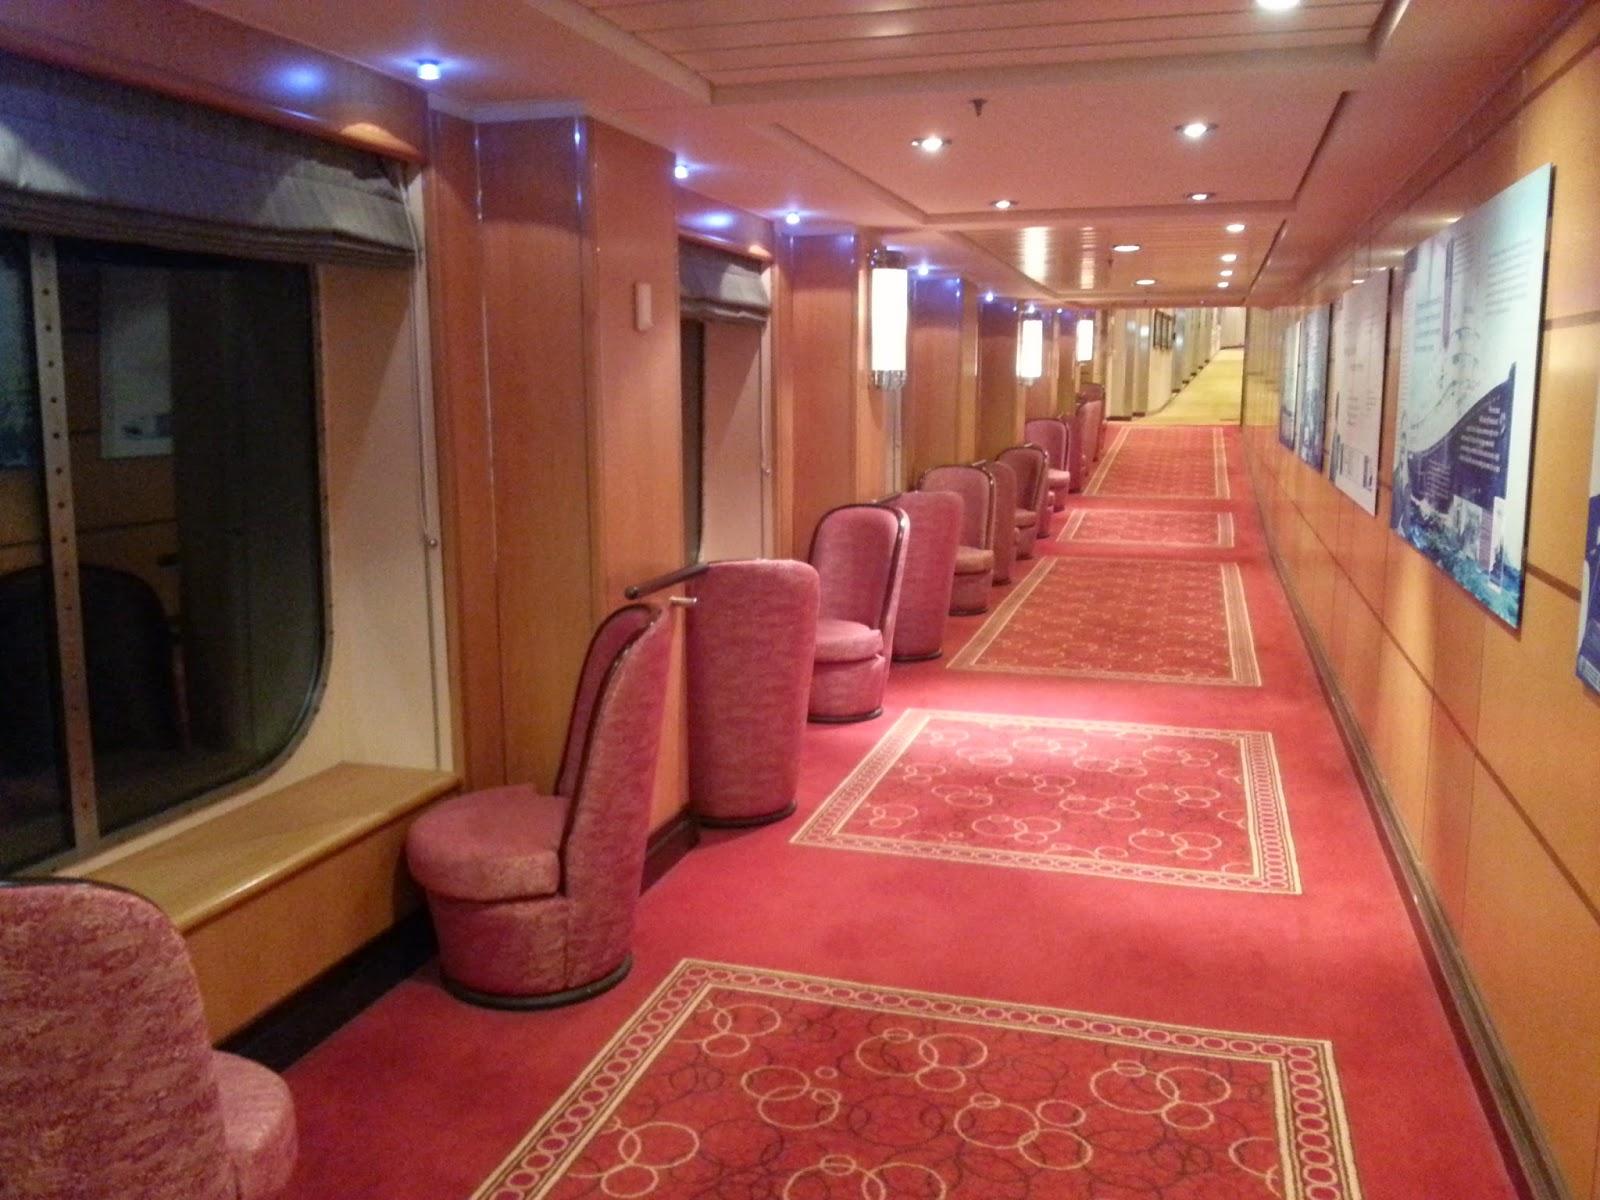 Queen Mary 2 (QM2) - Deck 3L Corridor